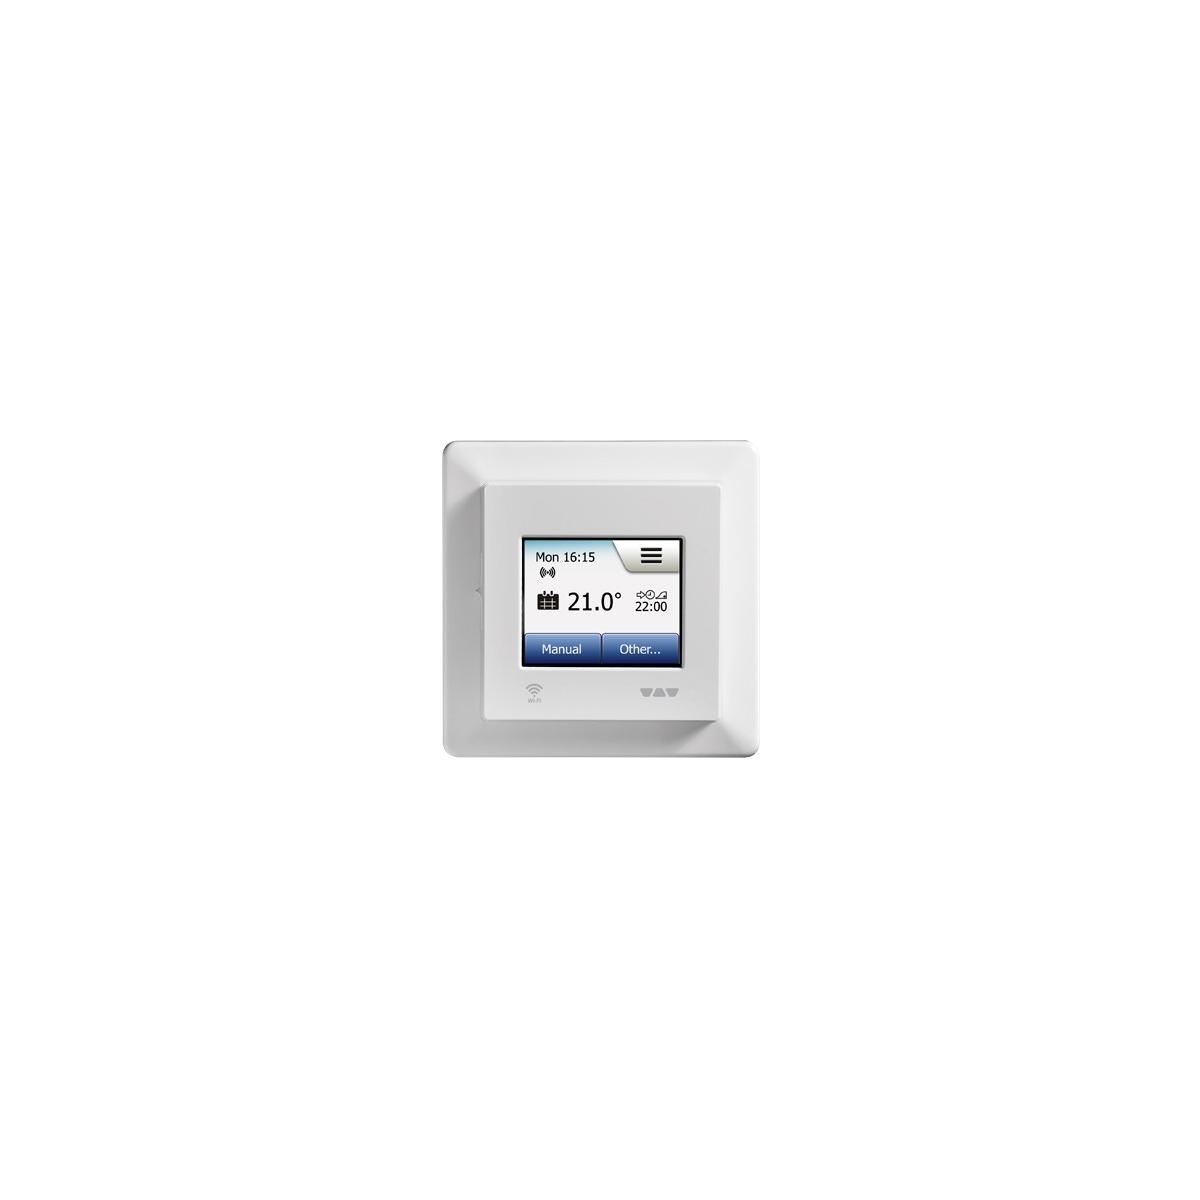 Suelo radiante mediante electricidad y termostato digital regulable y programable wifi, con aislamiento